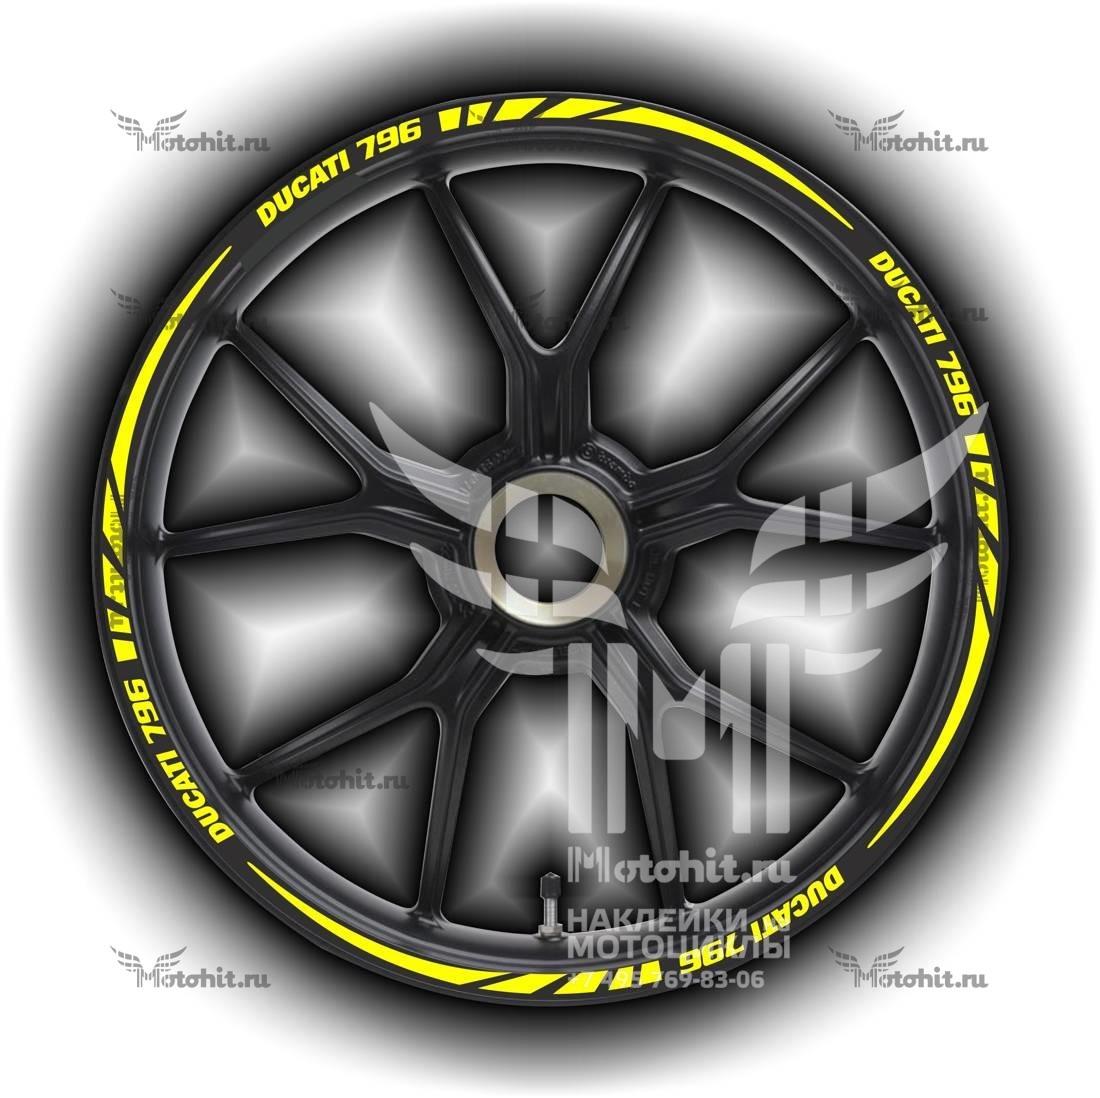 Комплект наклеек на обод колеса мотоцикла DUCATI 796